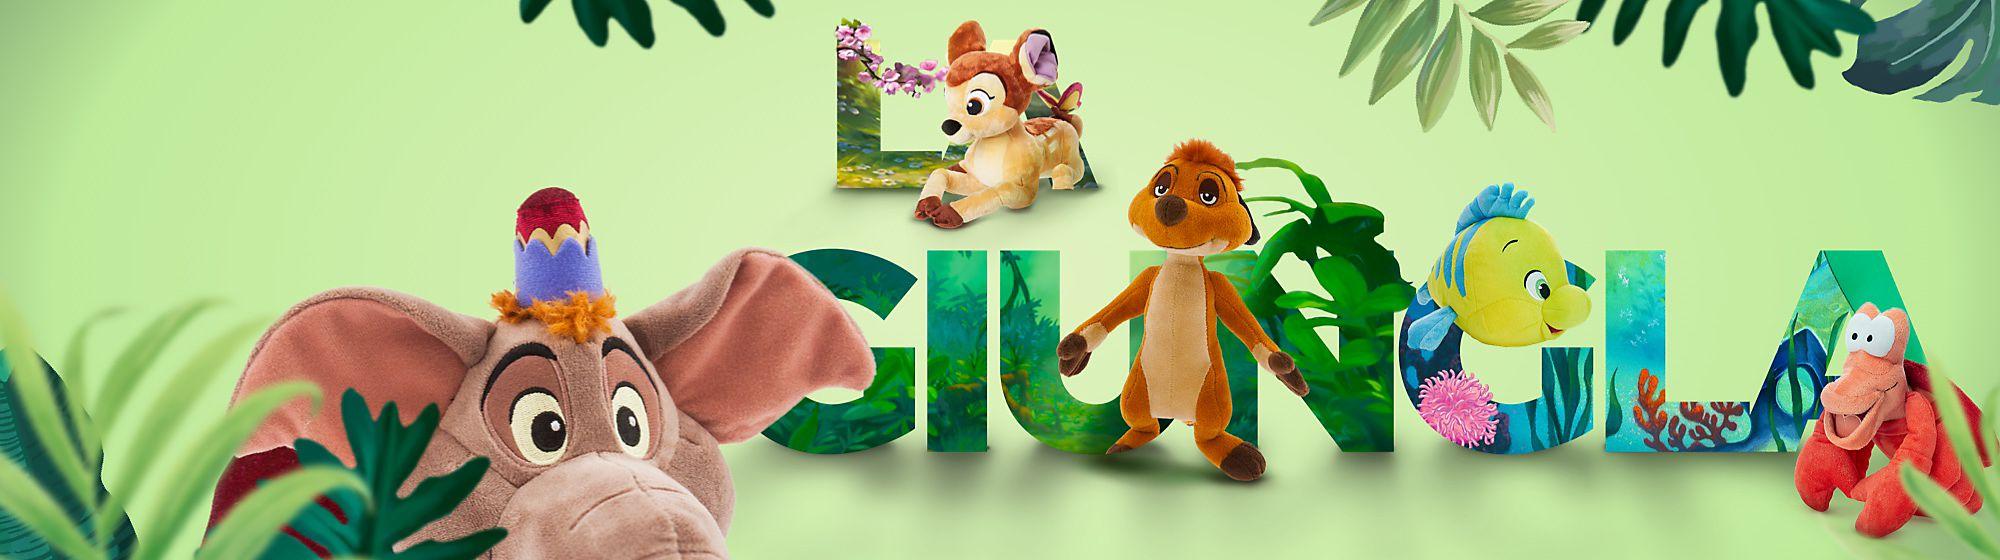 Tutti gli animali Ti presentiamo un'incredibile collezione ispirata alle creature Disney più amate